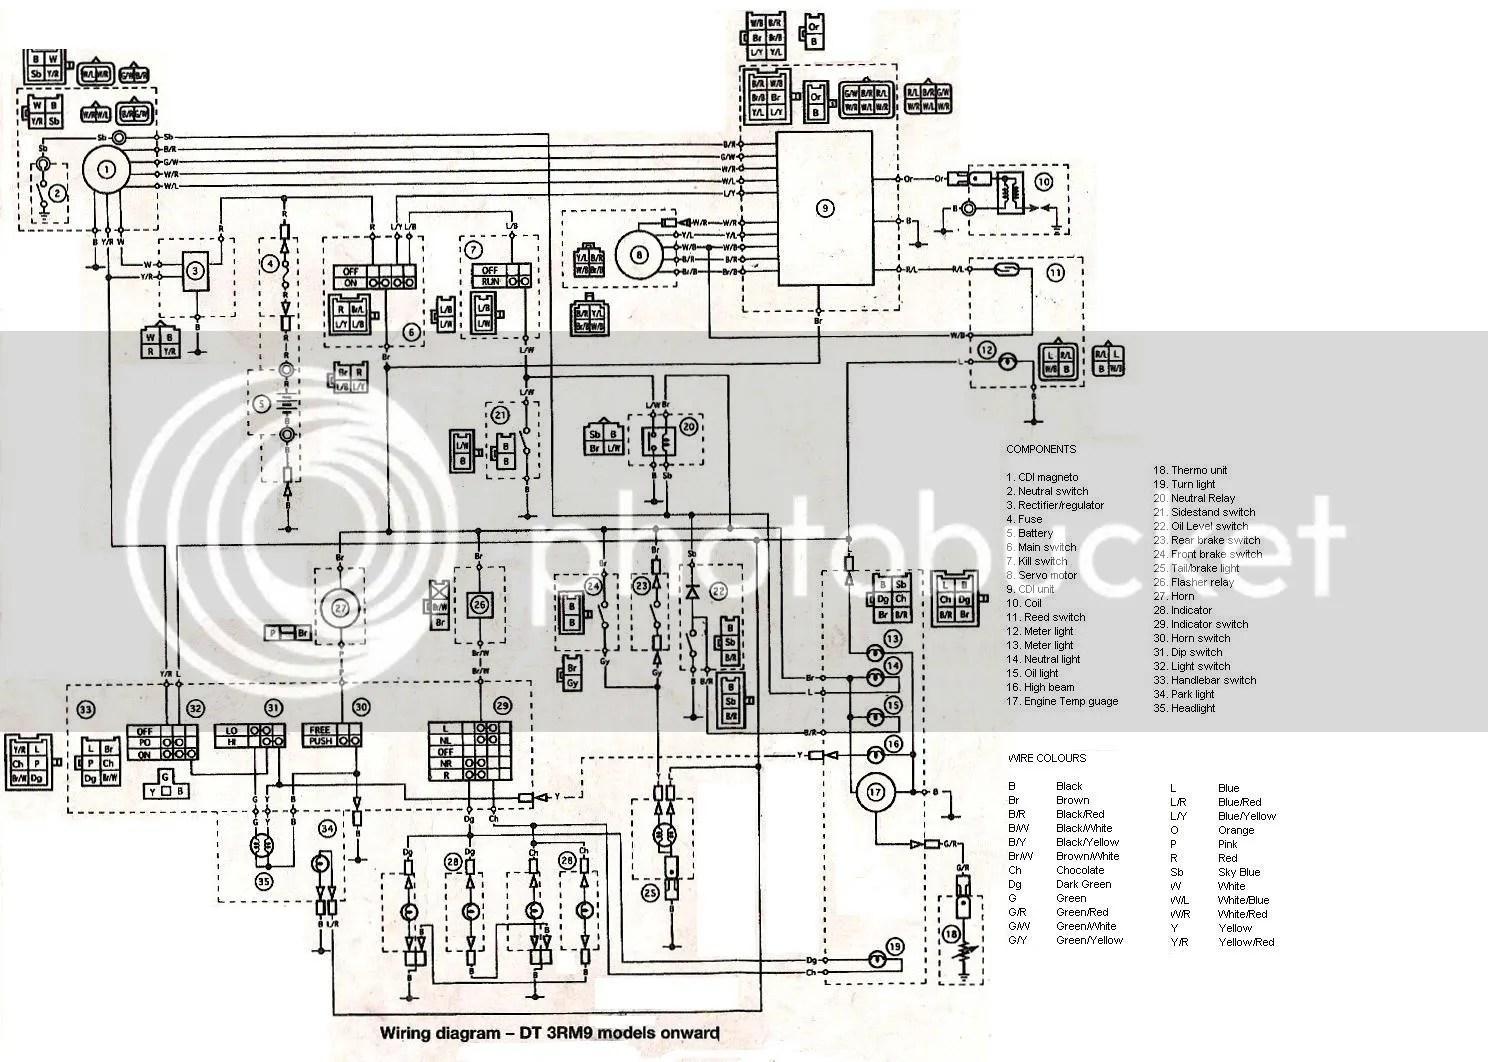 medium resolution of whizzer wiring diagram wiring diagram str whizzer wiring diagram